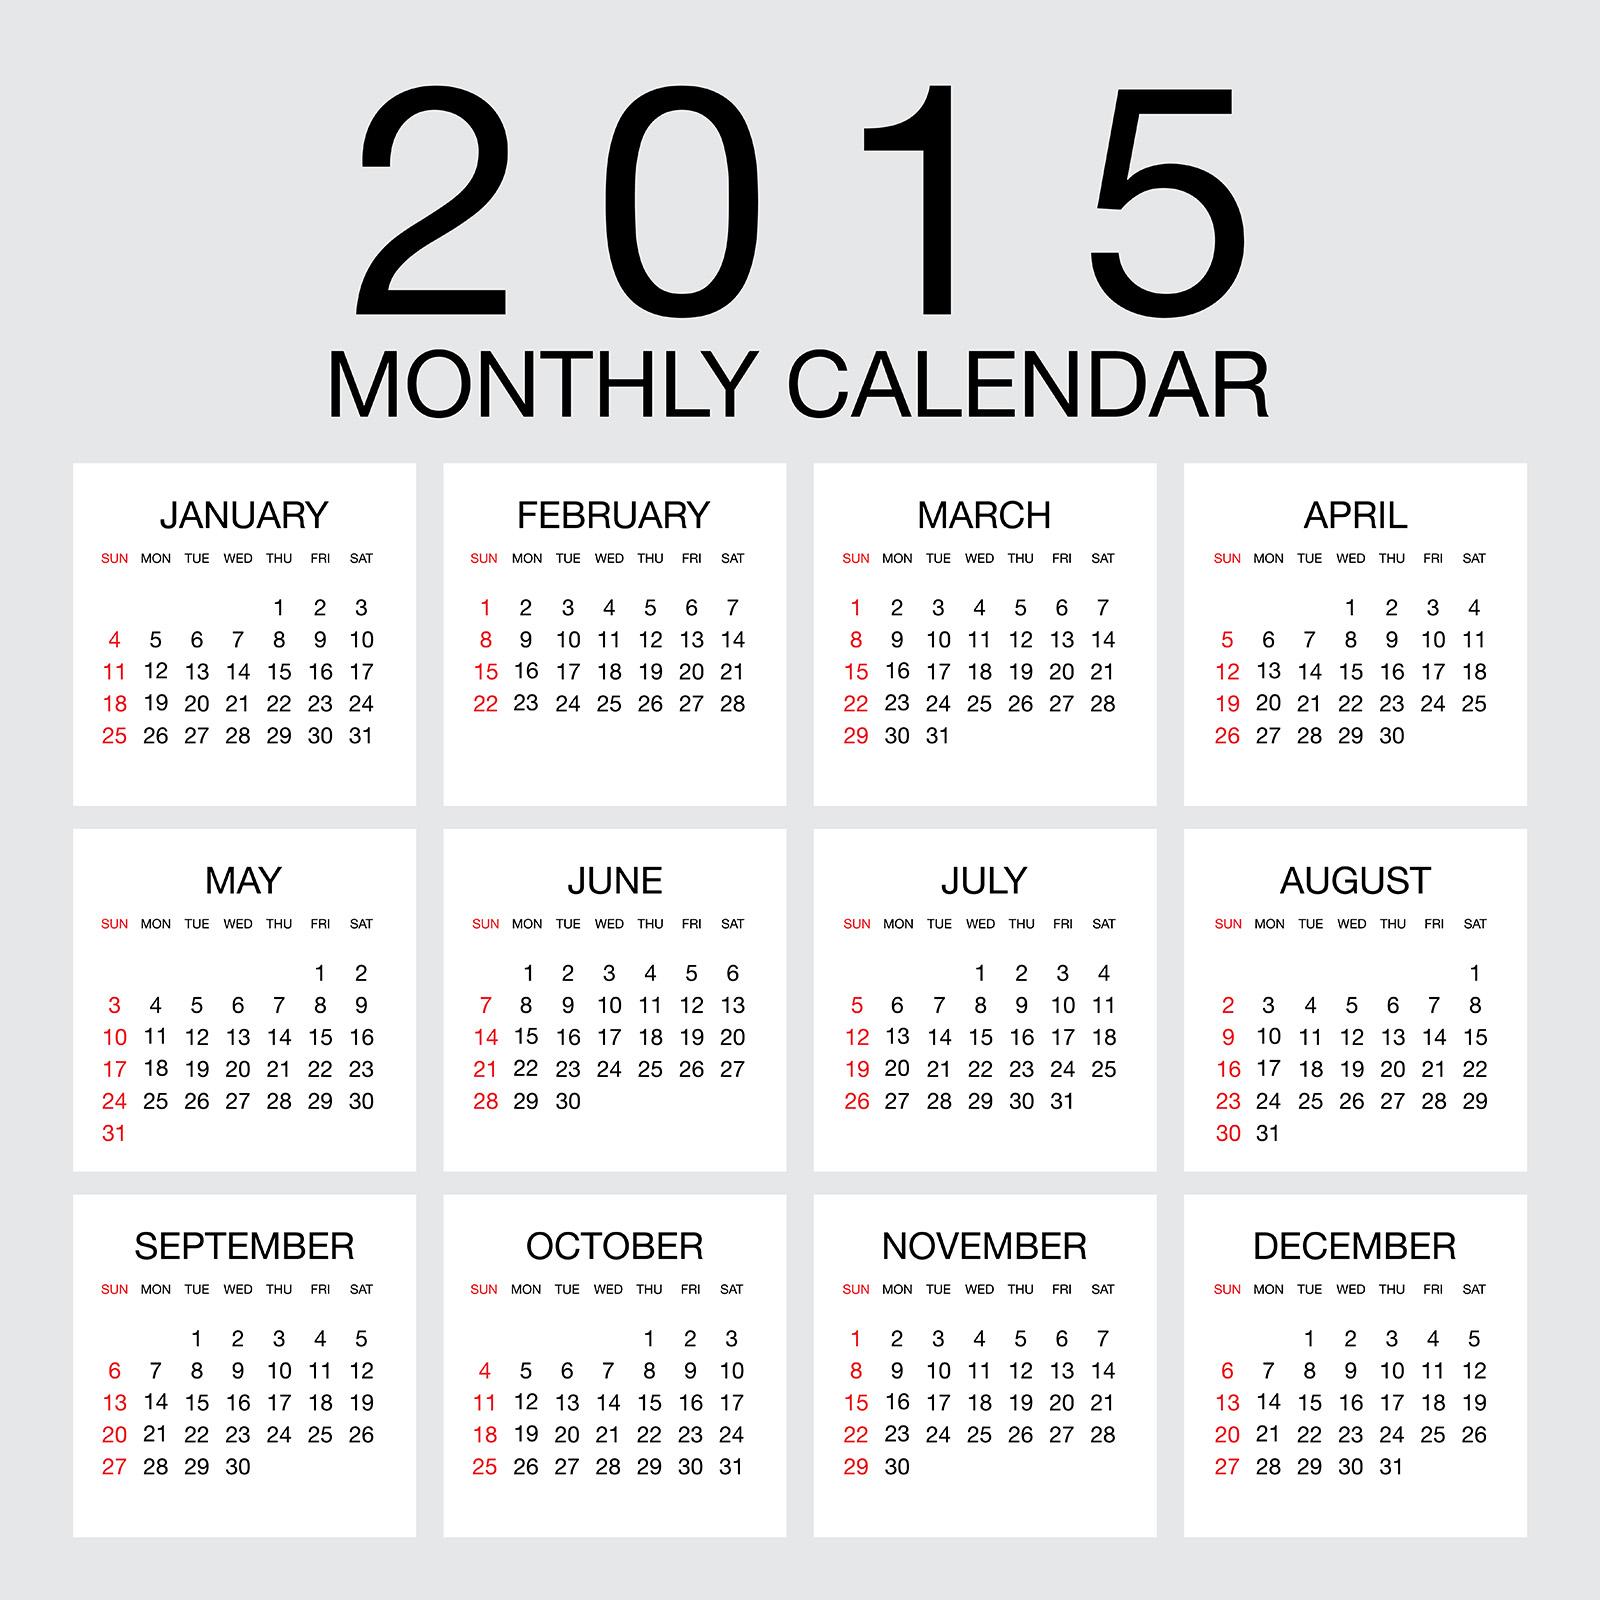 カレンダー 2015 カレンダー 年間 : 2015 カレンダー無料 ...